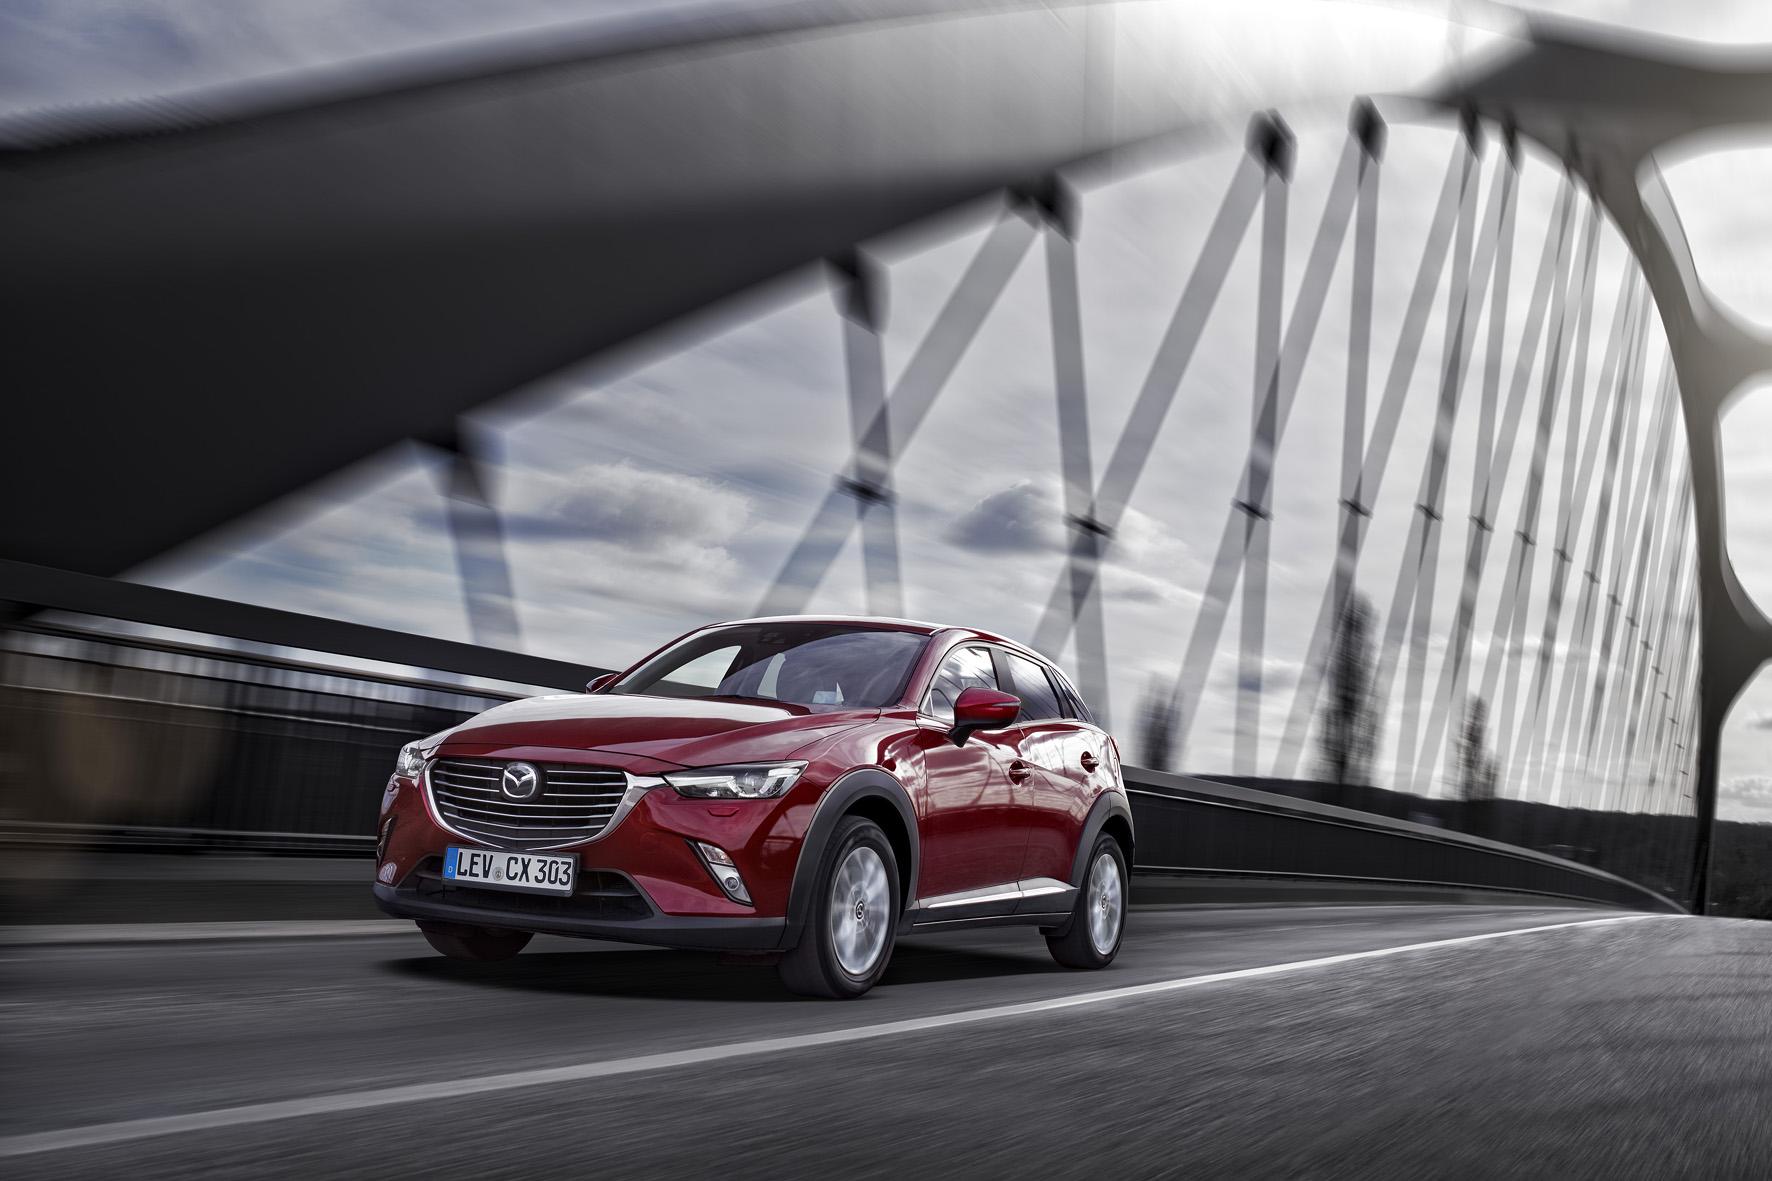 Erste Fahrt im Mazda CX-3: Die kompakte Alternative